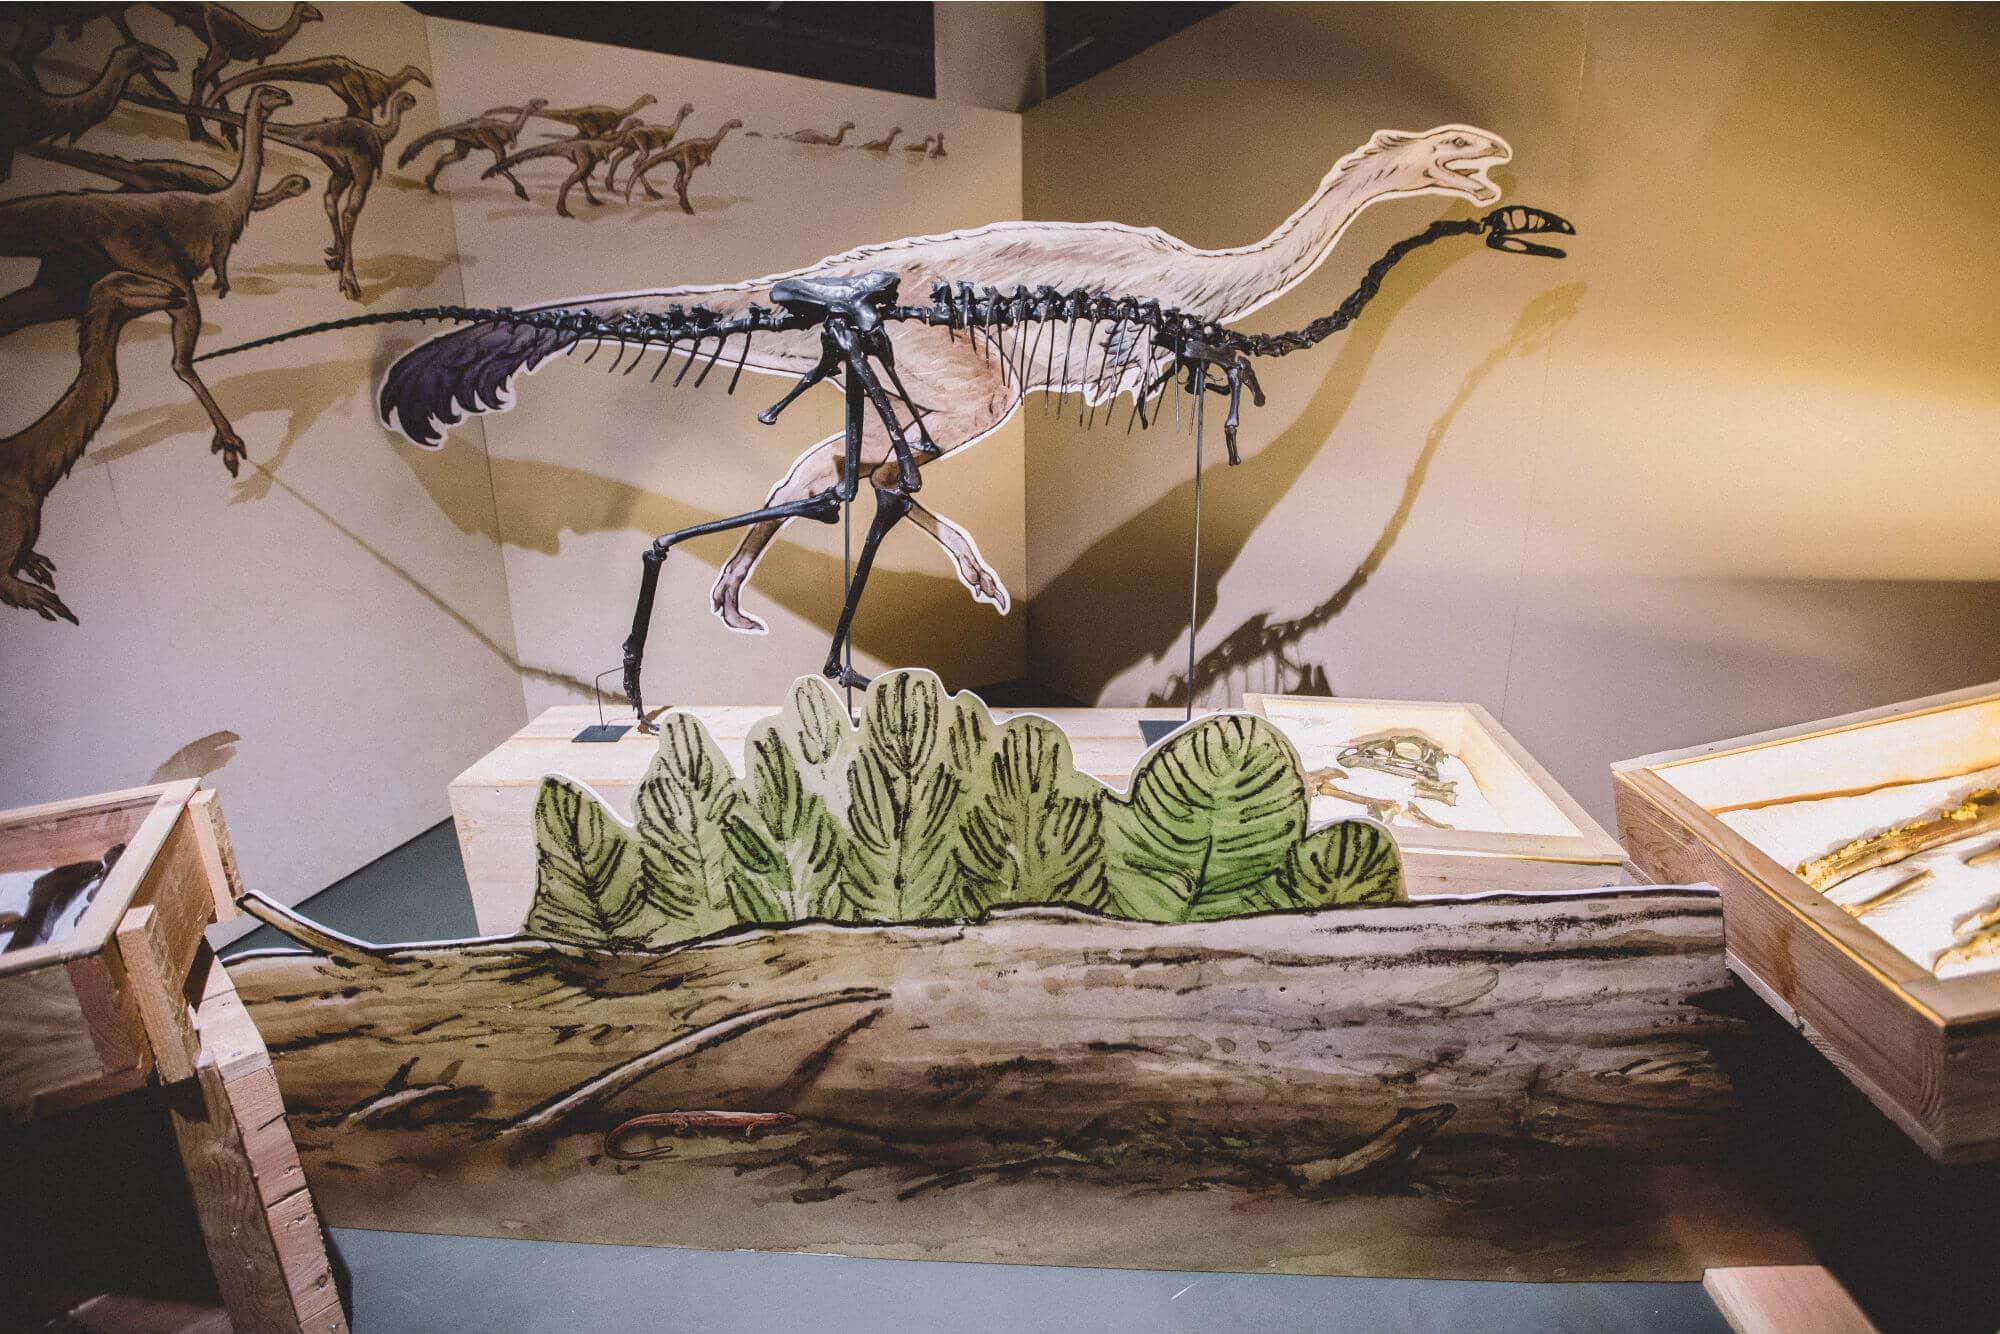 Exposition sur les dinosaures Muséum d'Histoire naturelle de La Rochelle